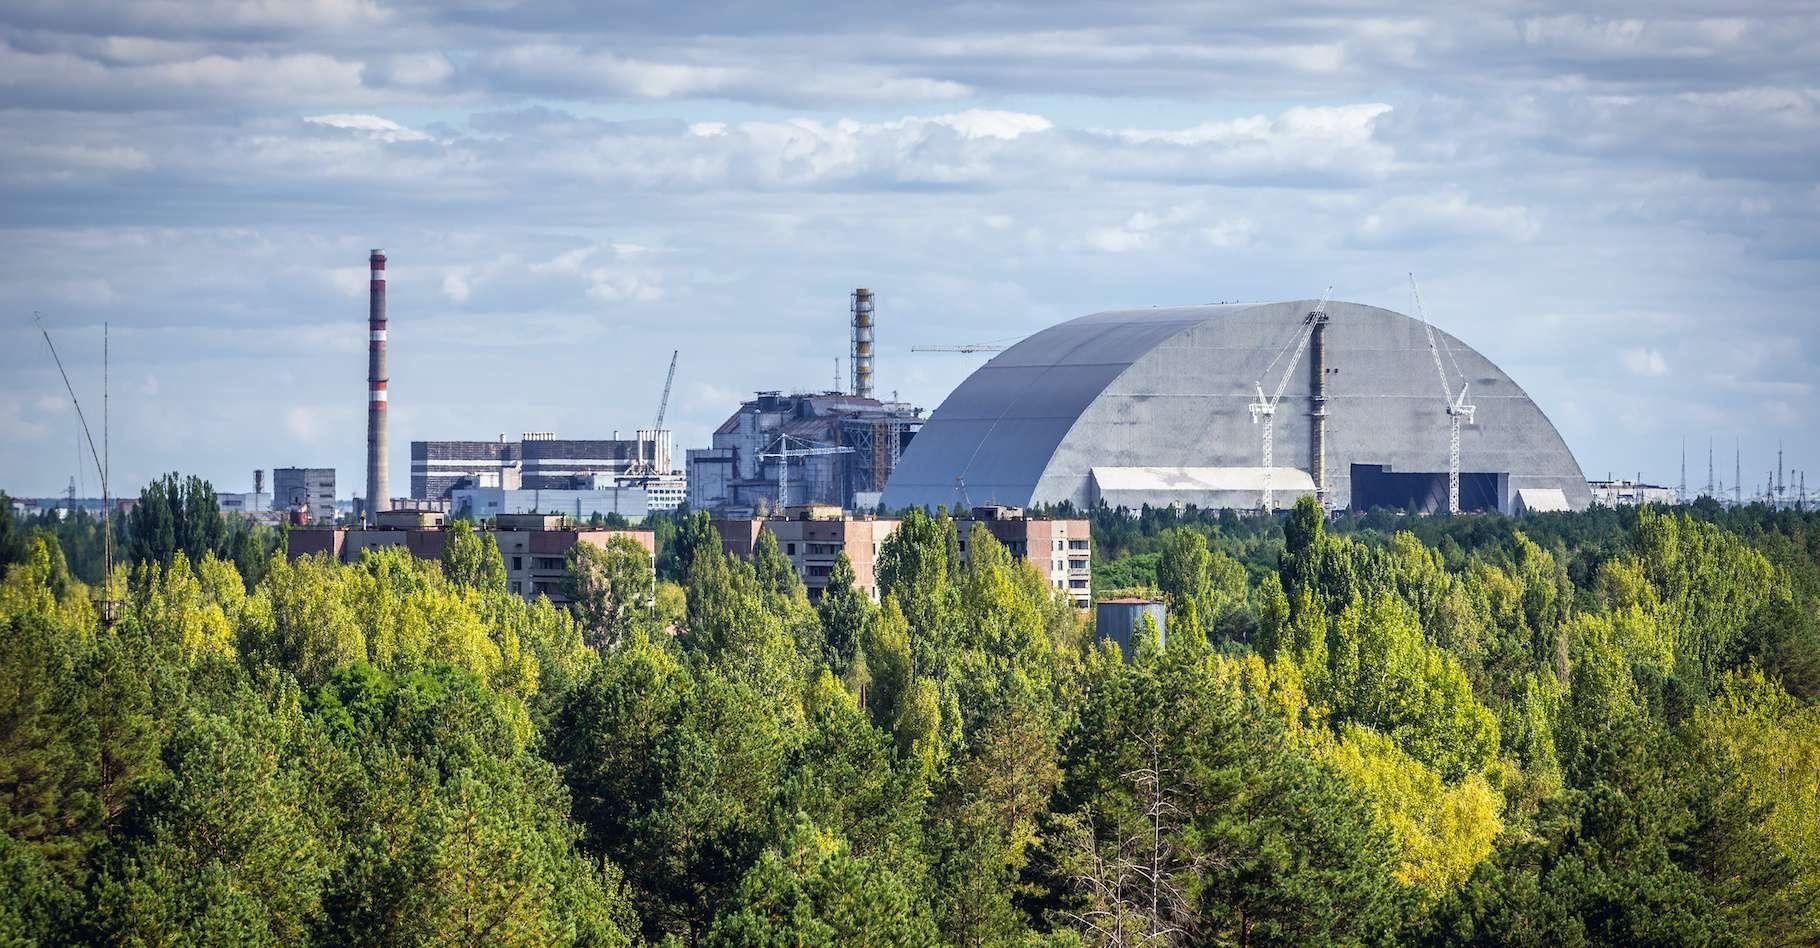 Depuis plusieurs jours, des incendies font rage autour et dans la zone d'exclusion de Tchernobyl (Ukraine). © Fotokon, Adobe Stock